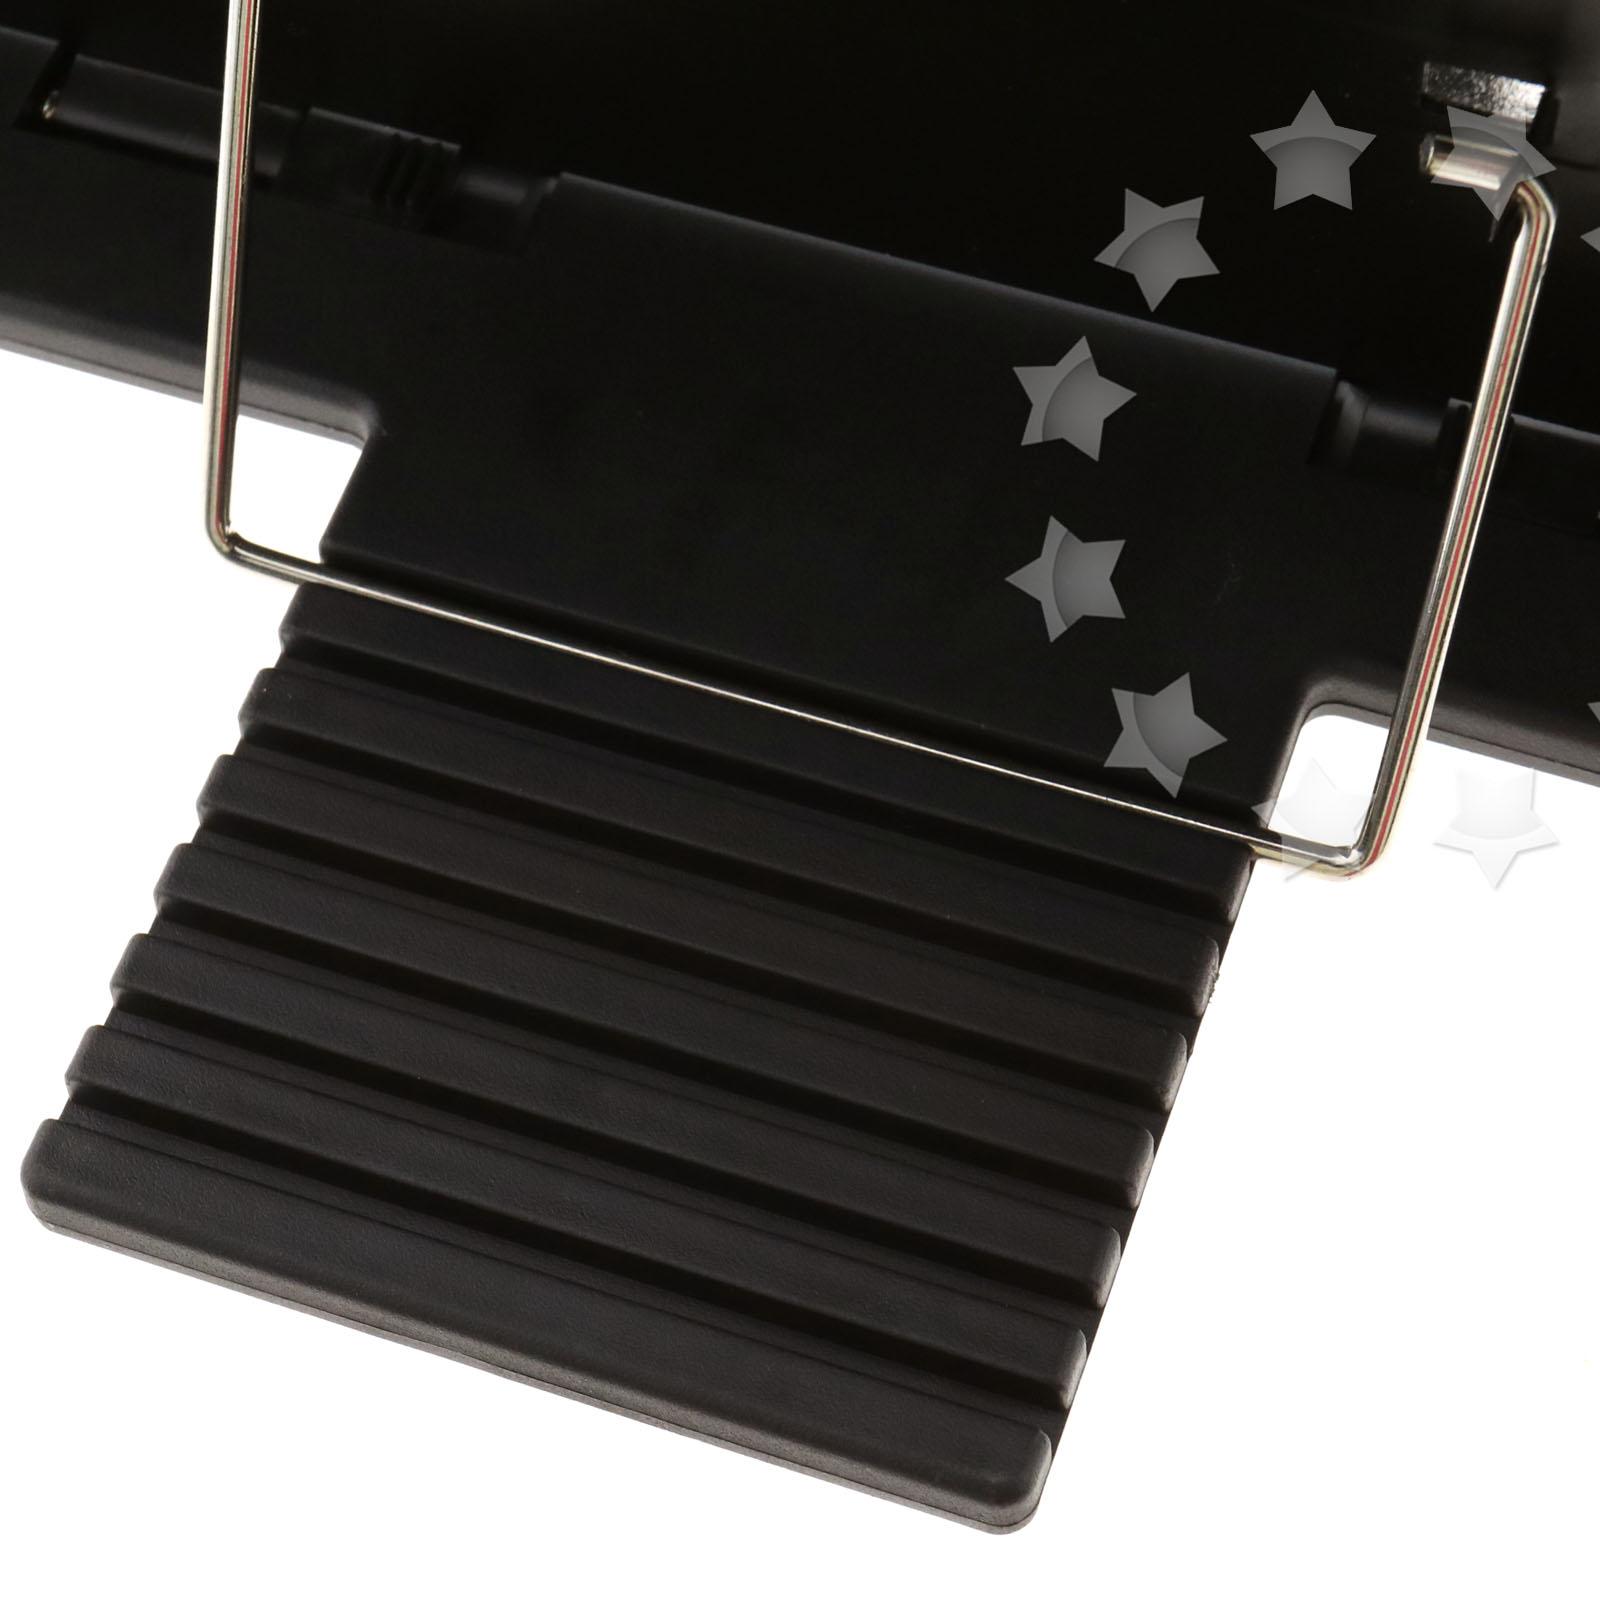 portable steel book stand bookstand adjustable tilt reading desk